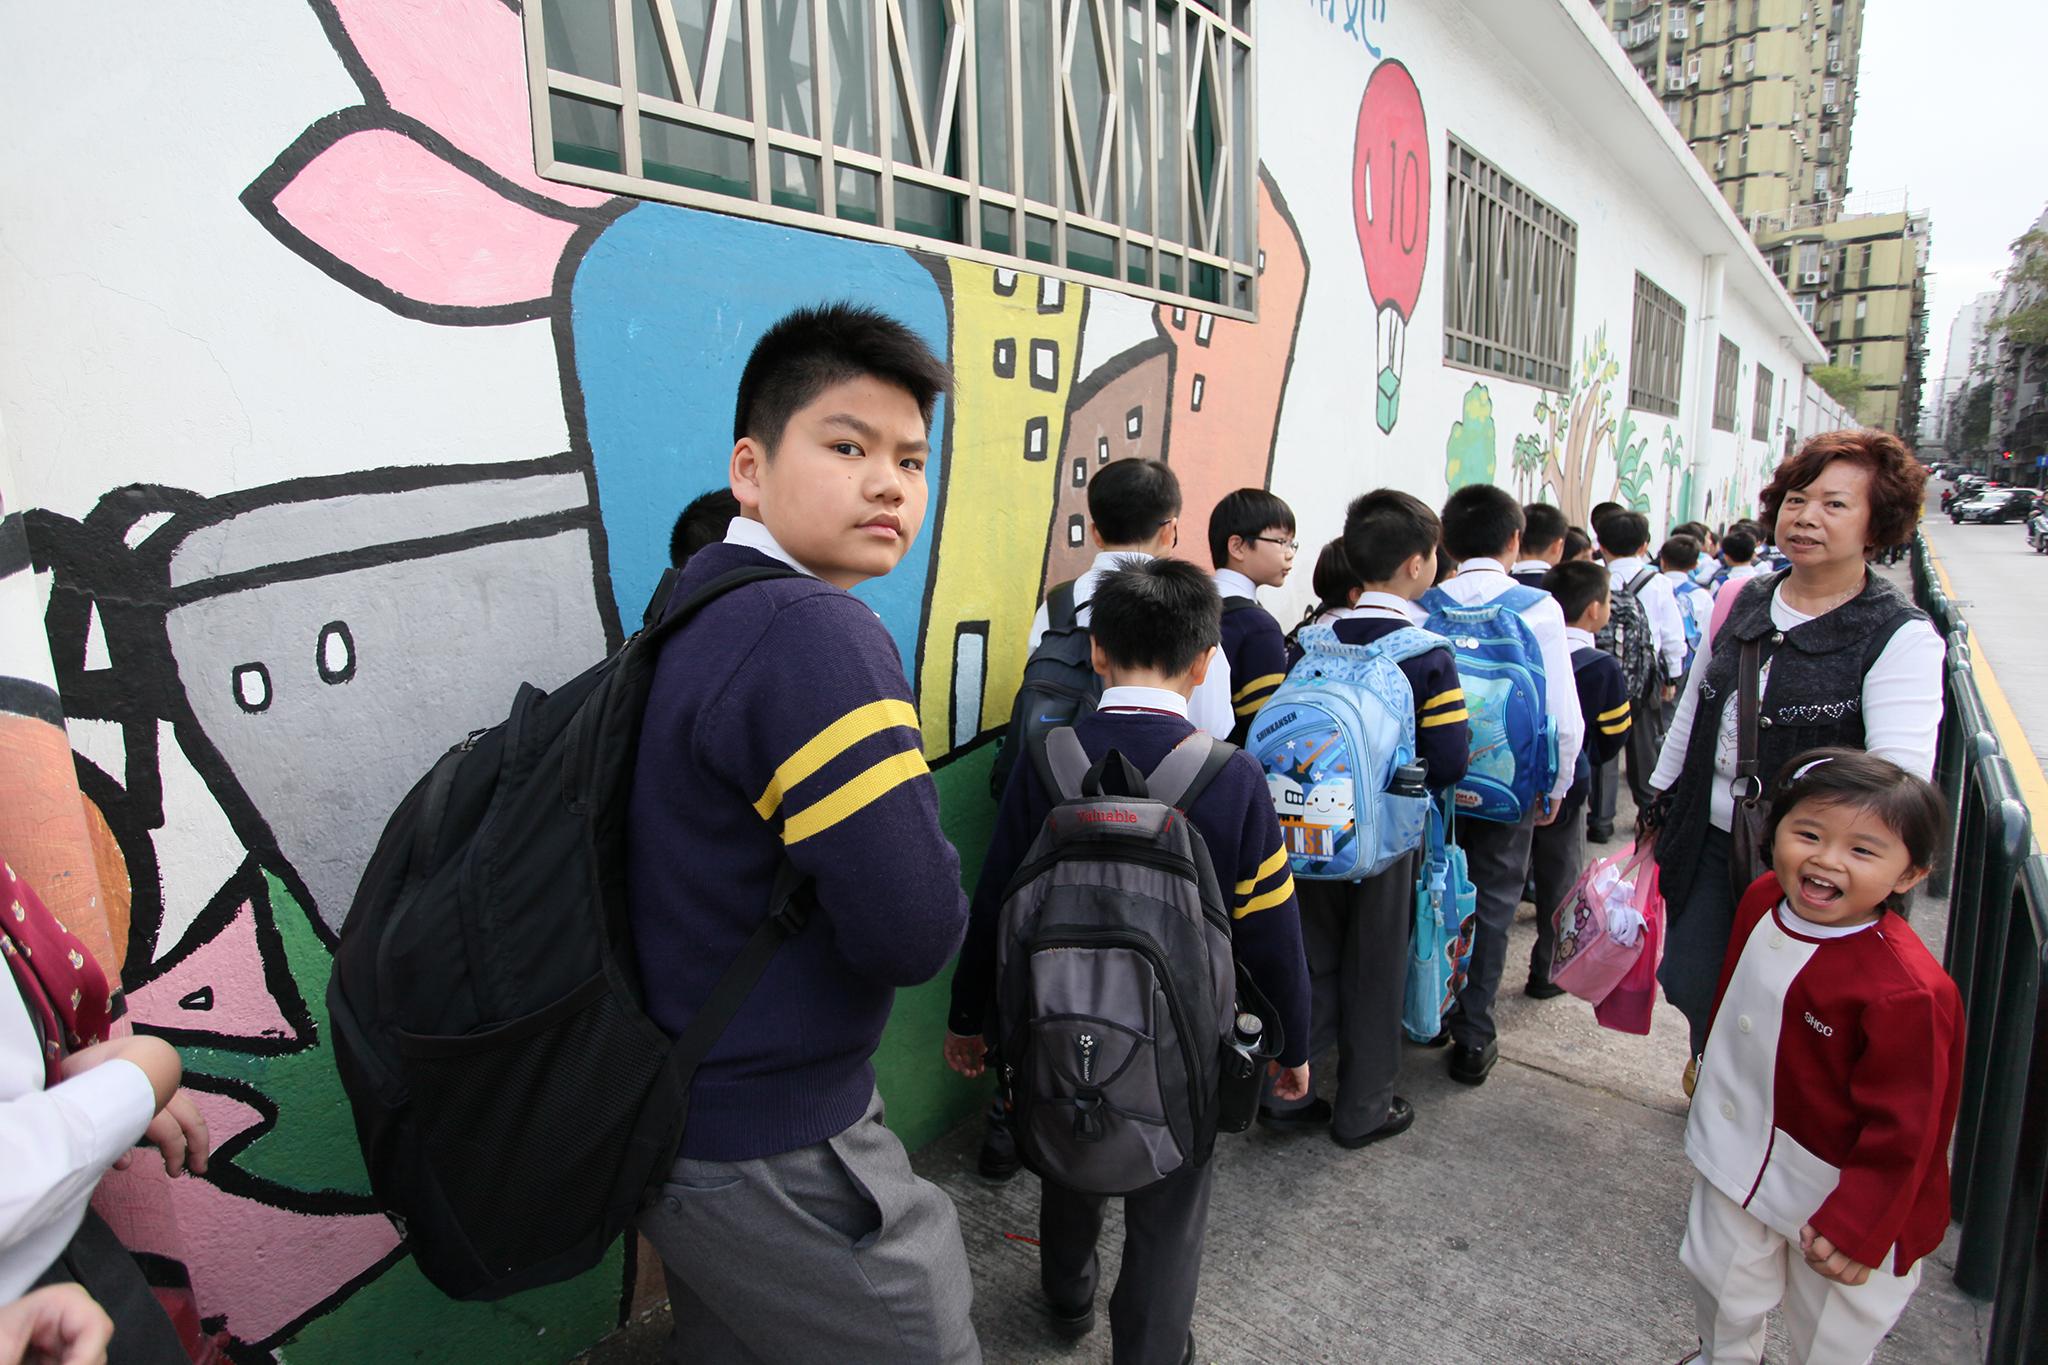 Registados 22 casos de violência nas escolas de Macau desde 2005